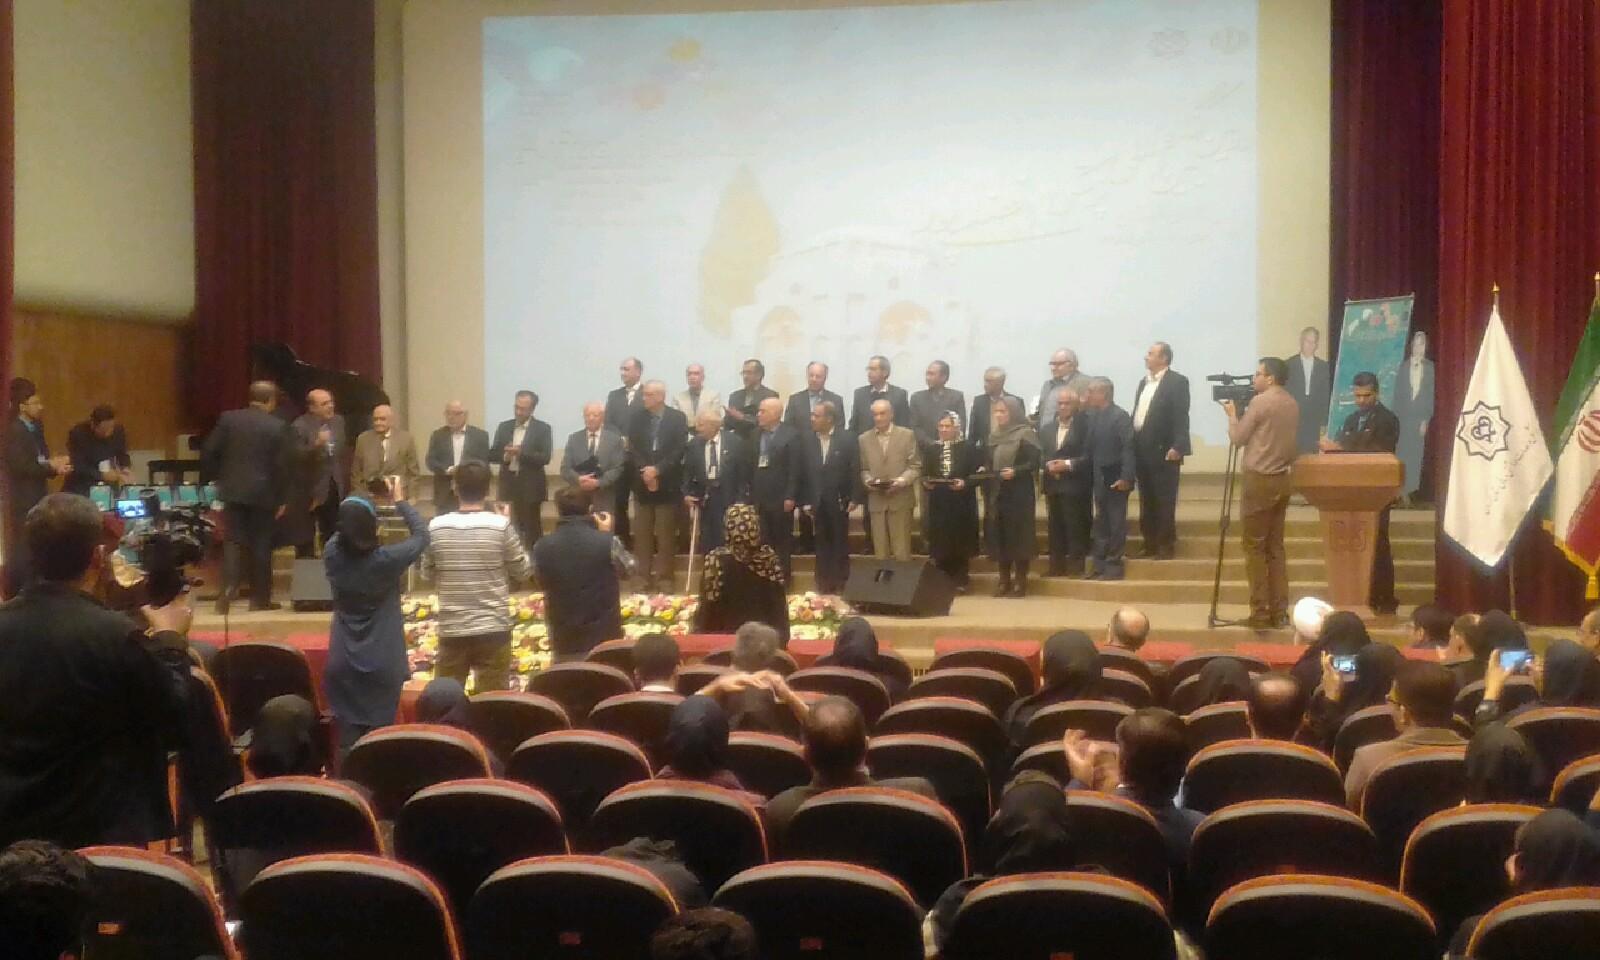 آغاز به کار دومین کنگره بین المللی پزشکی افضلی پور به میزبانی استان کرمان